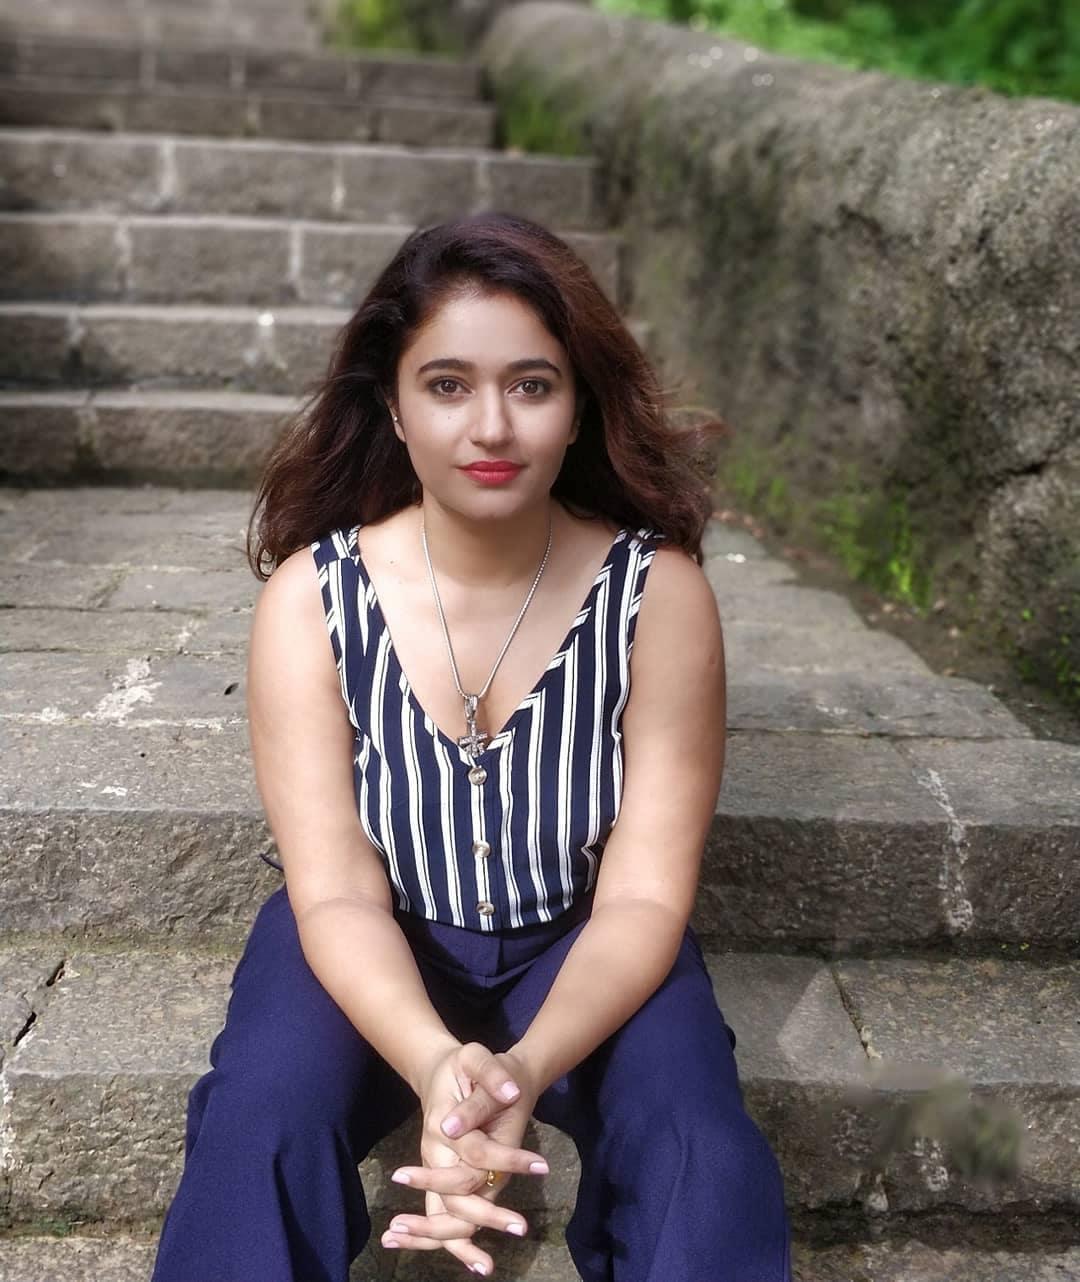 పూనమ్ బజ్వా (Photo: poonambajwa555/Instagram)